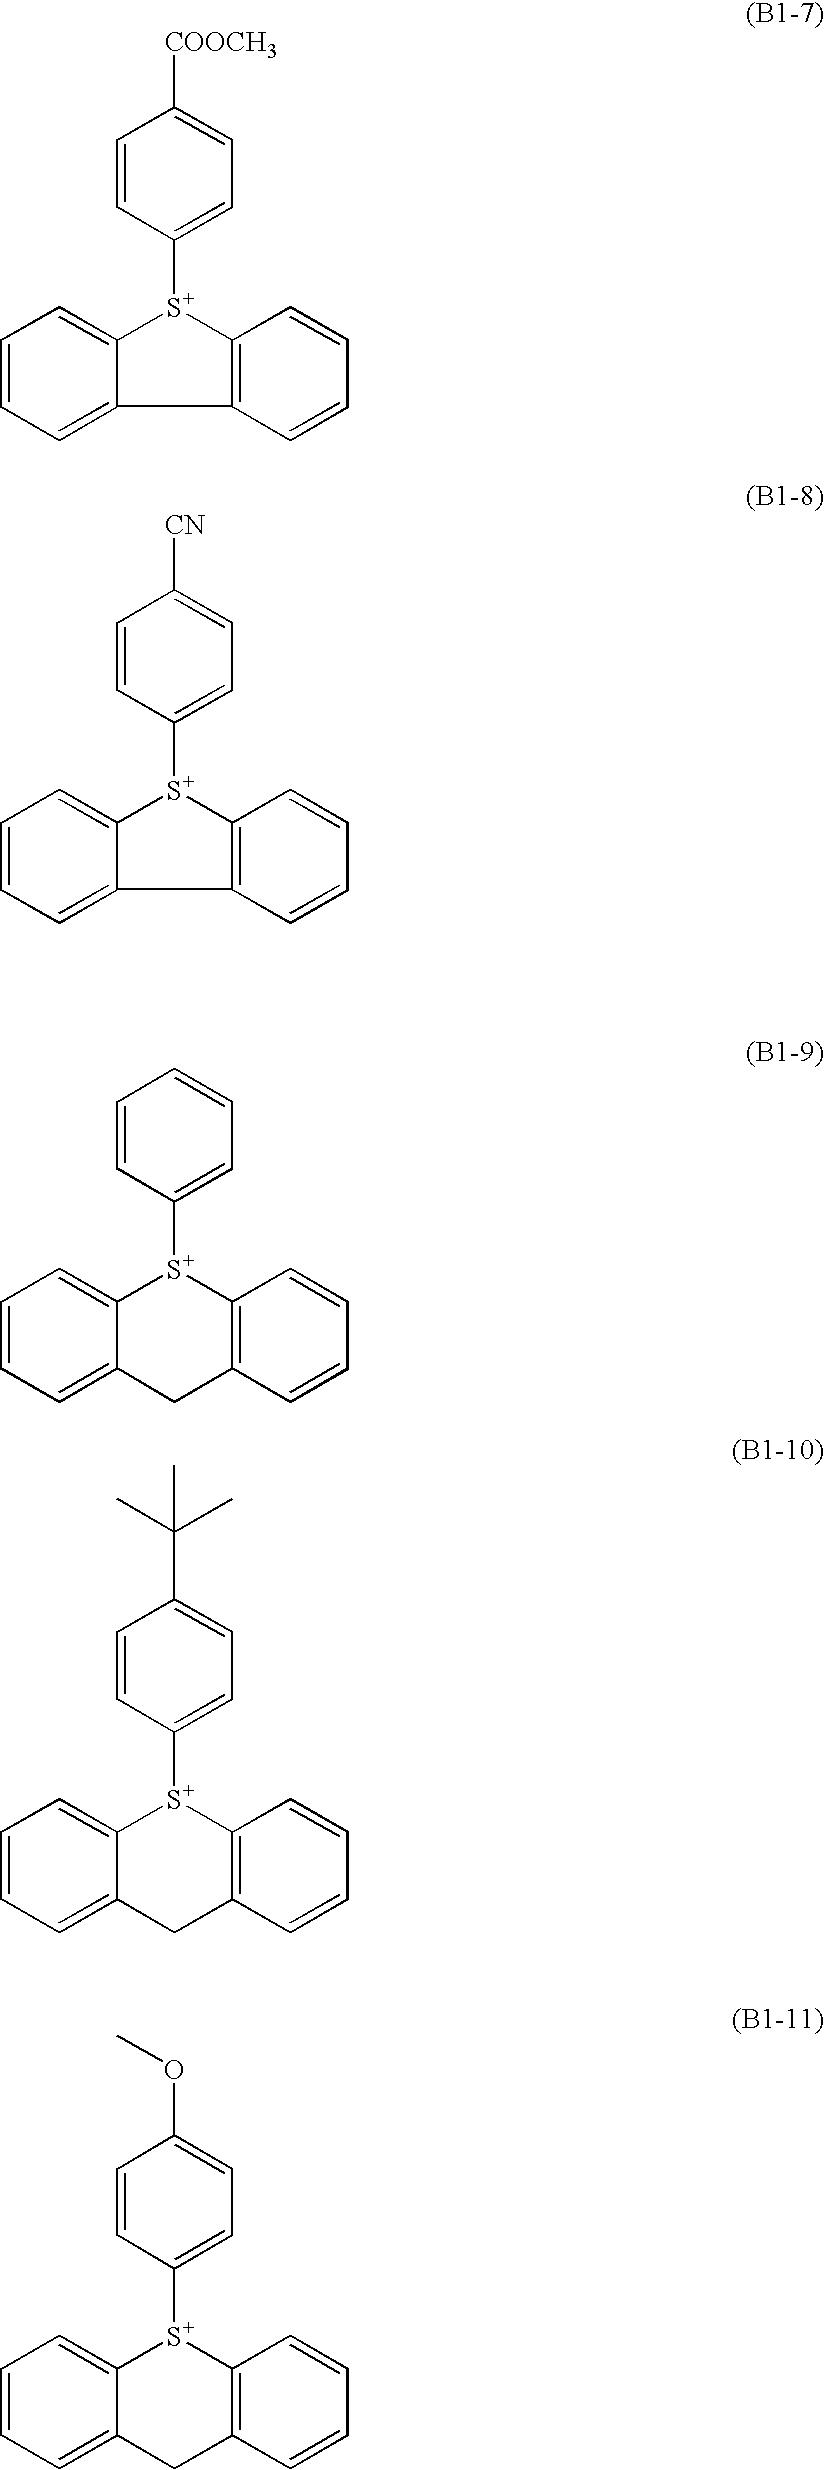 Figure US20100183975A1-20100722-C00011